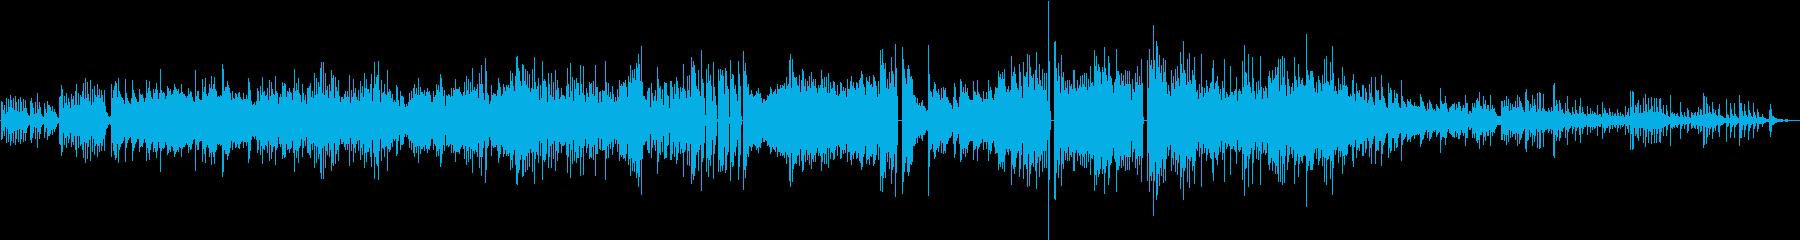 ポップな三拍子ピアノソロ曲の再生済みの波形